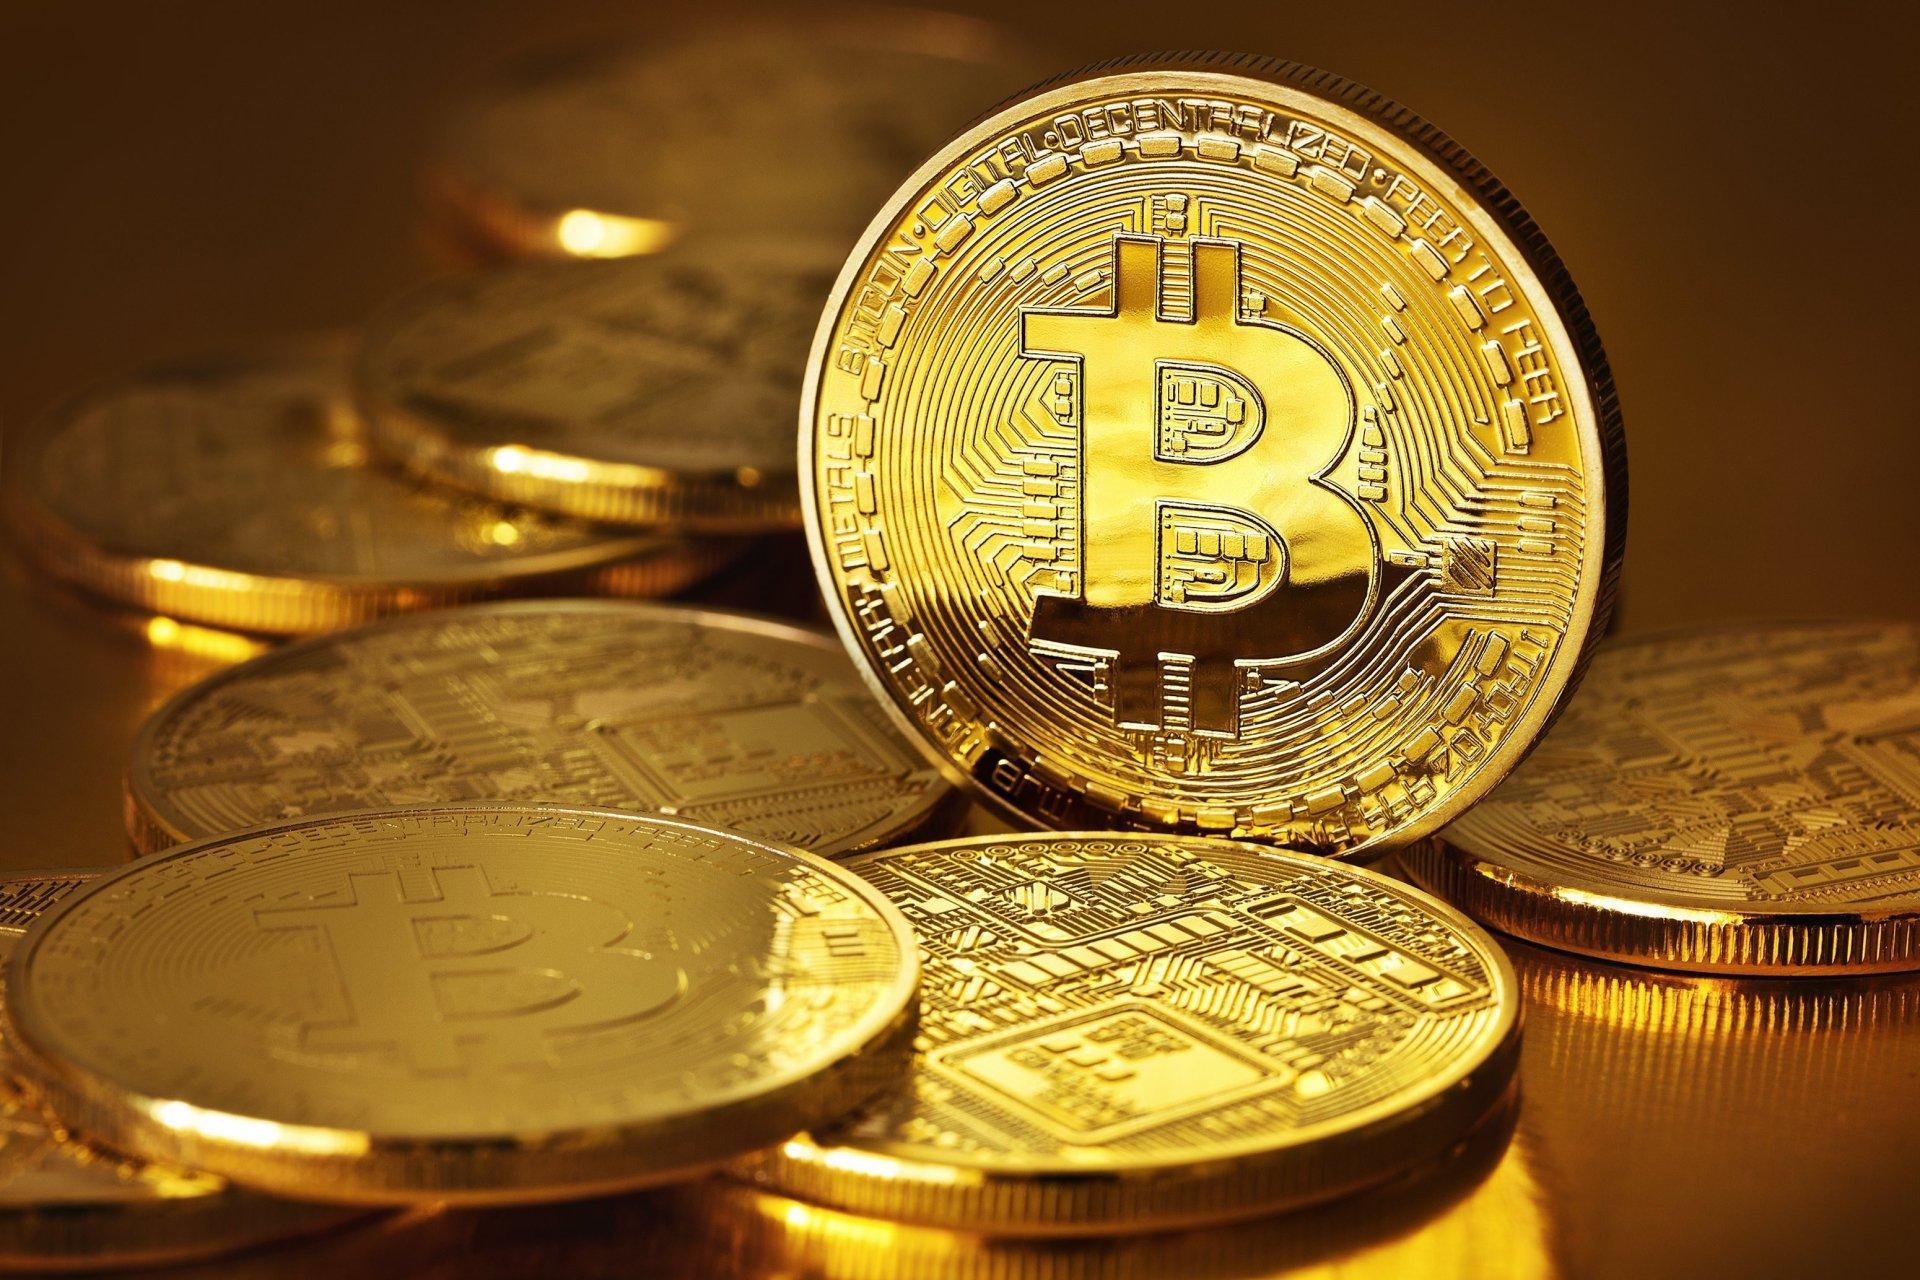 Tổng quan thị trường Tiền điện tử ngày 20/11 - Vùng giá FOMO và hiệu chỉnh kỹ thuật